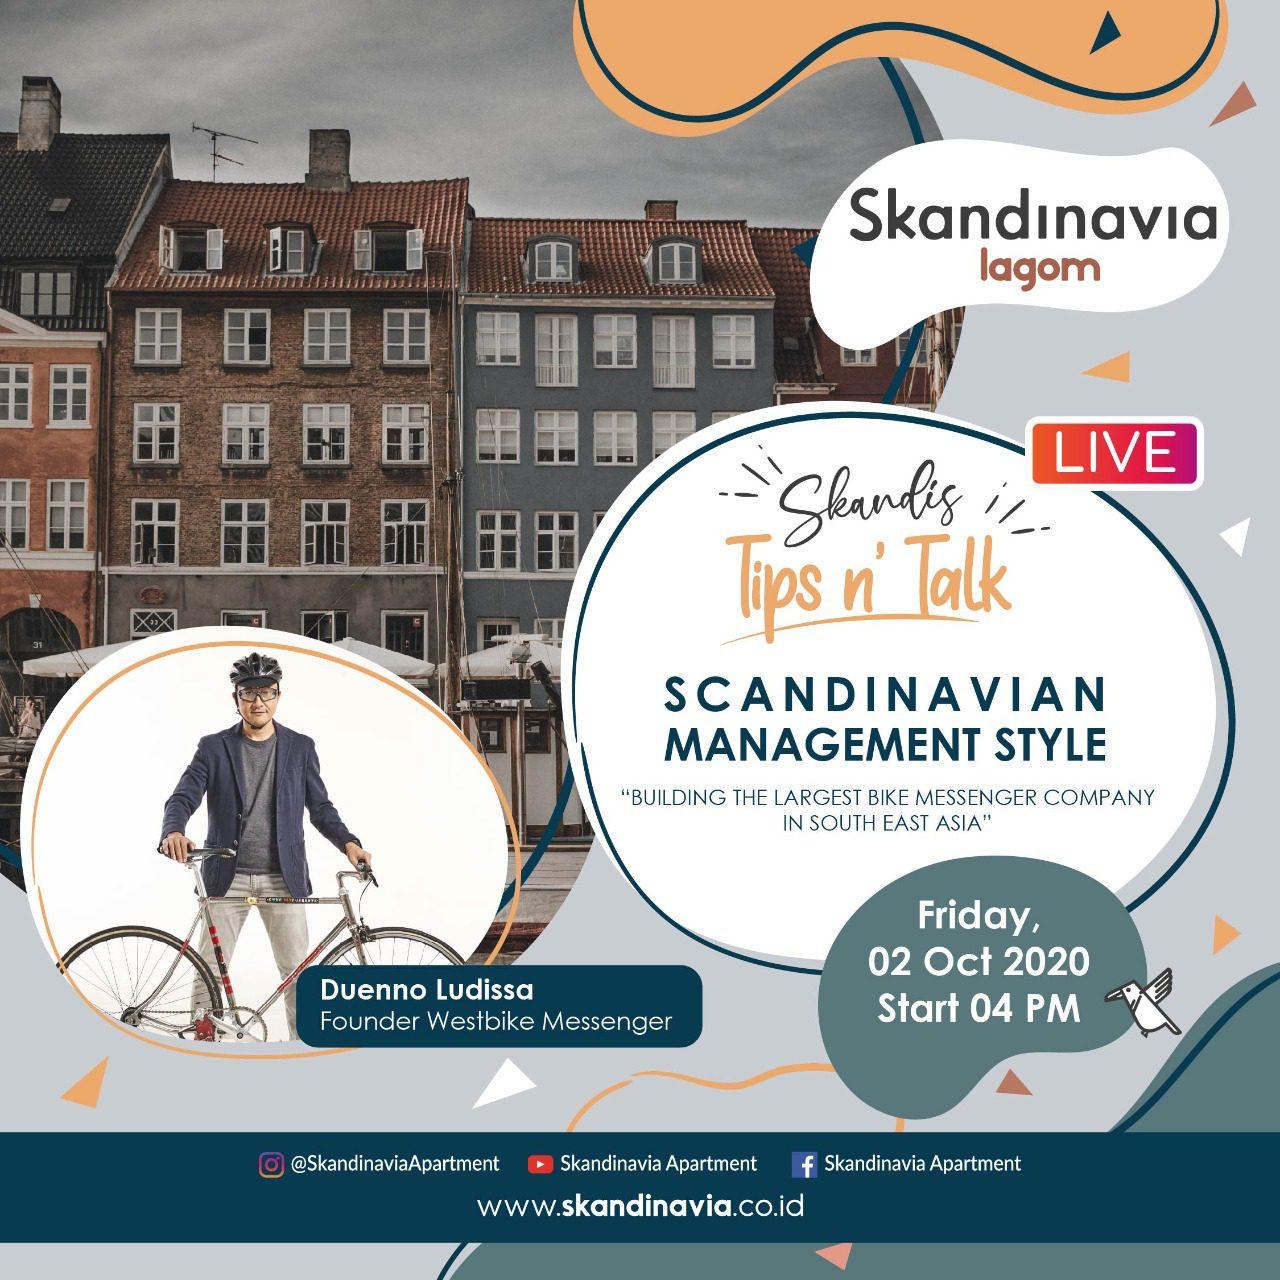 Scandinavian Management Style